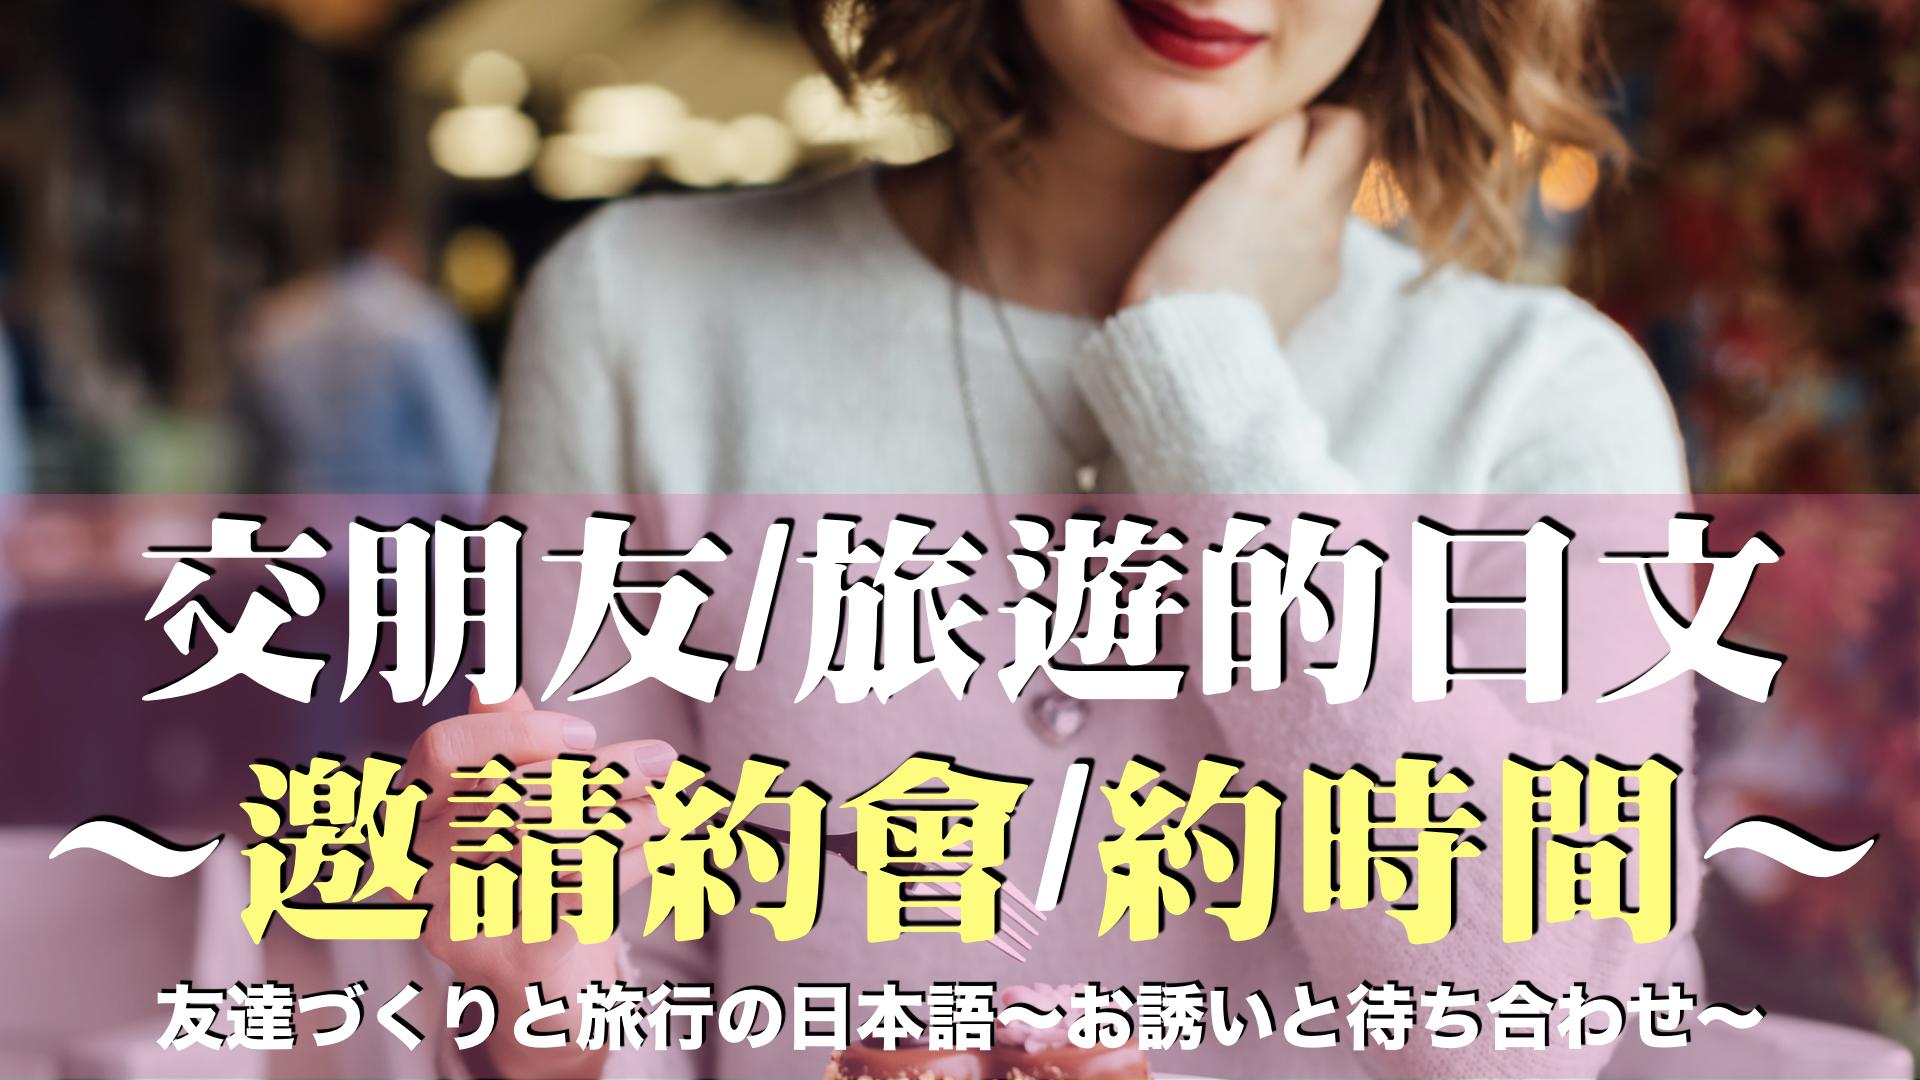 找日本朋友的時候怎麼聊天?~旅遊日文,交朋友2~